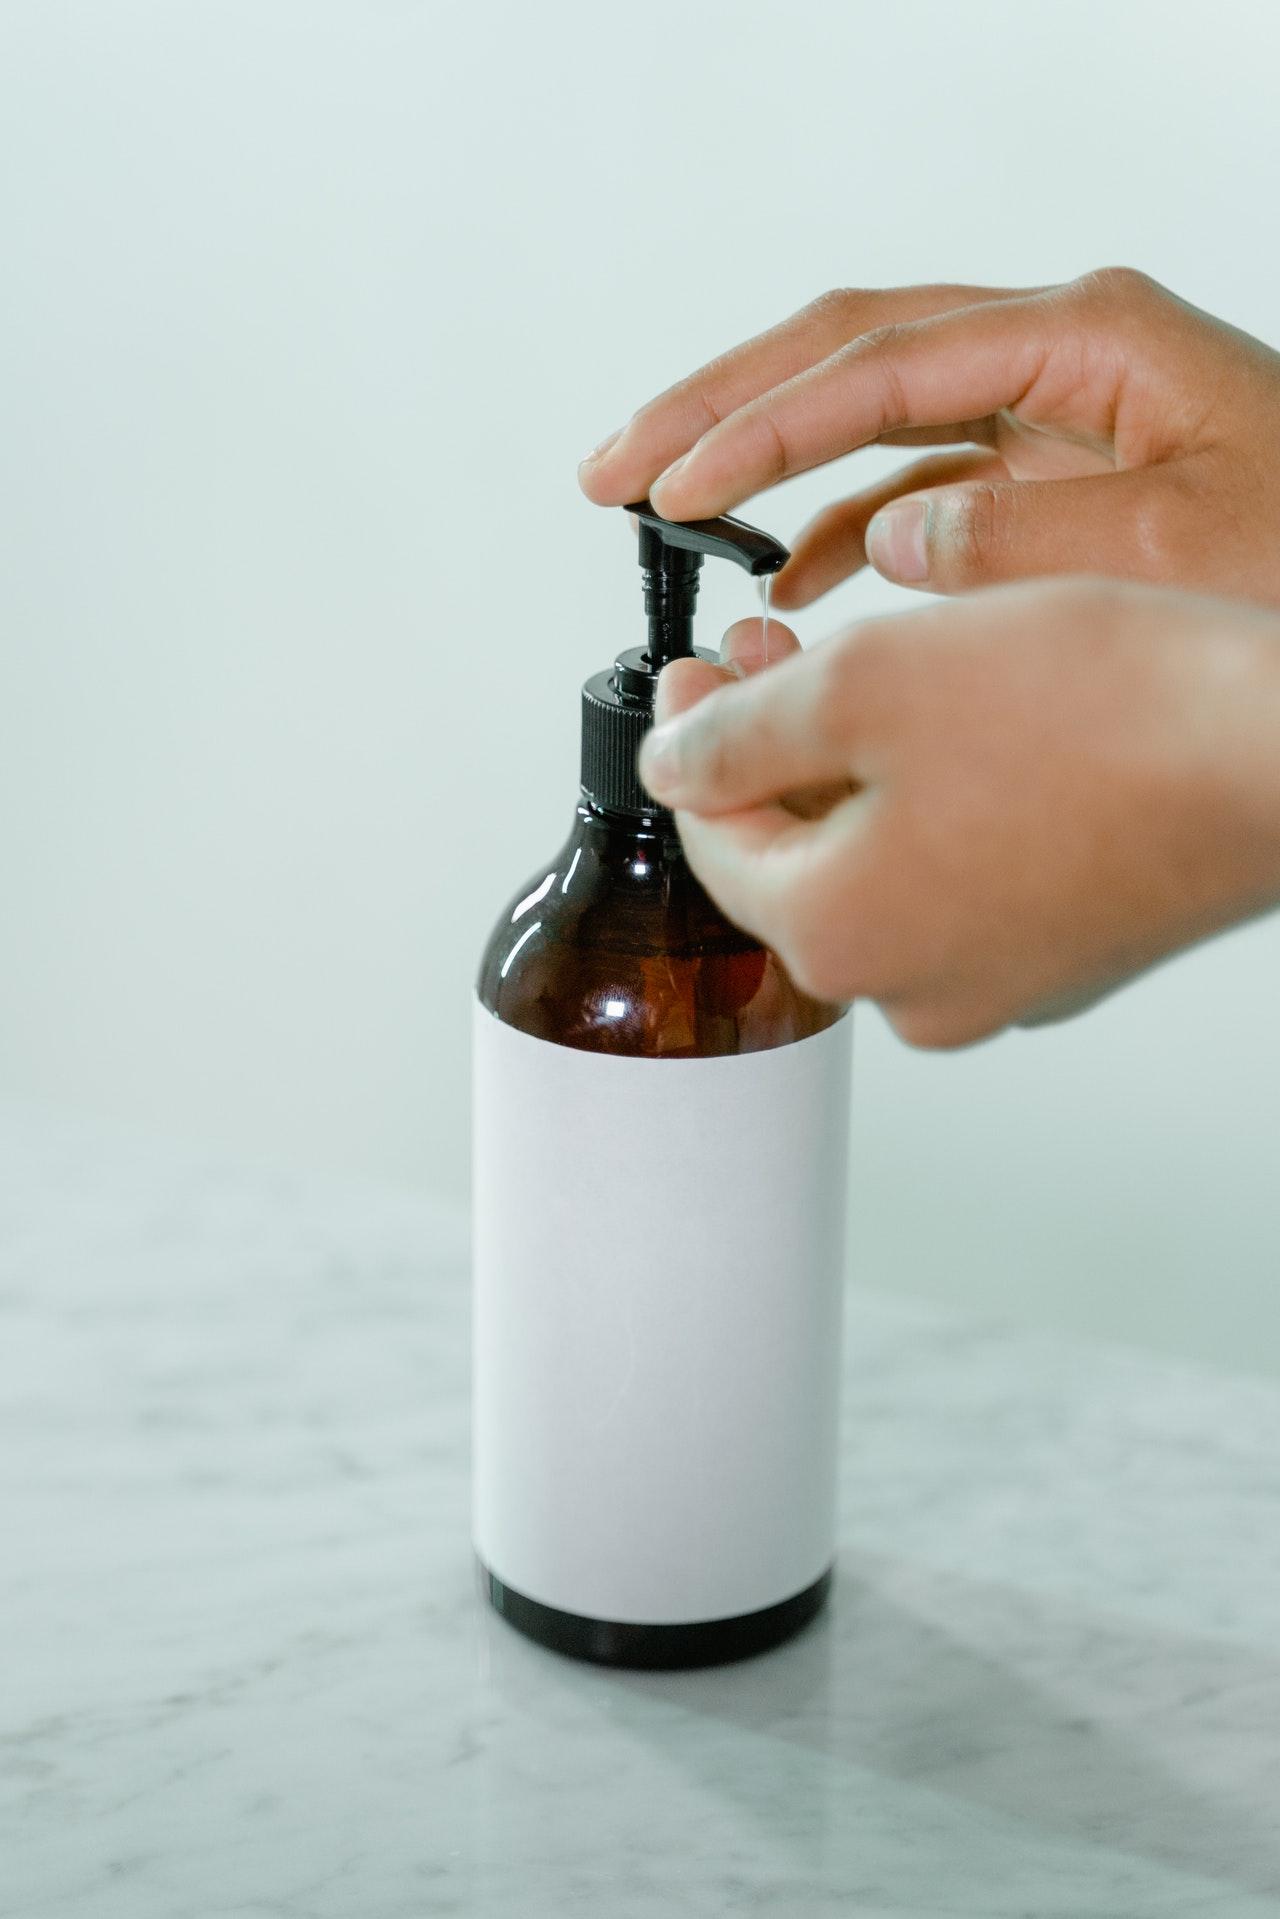 Drinkwaterpomp kopen